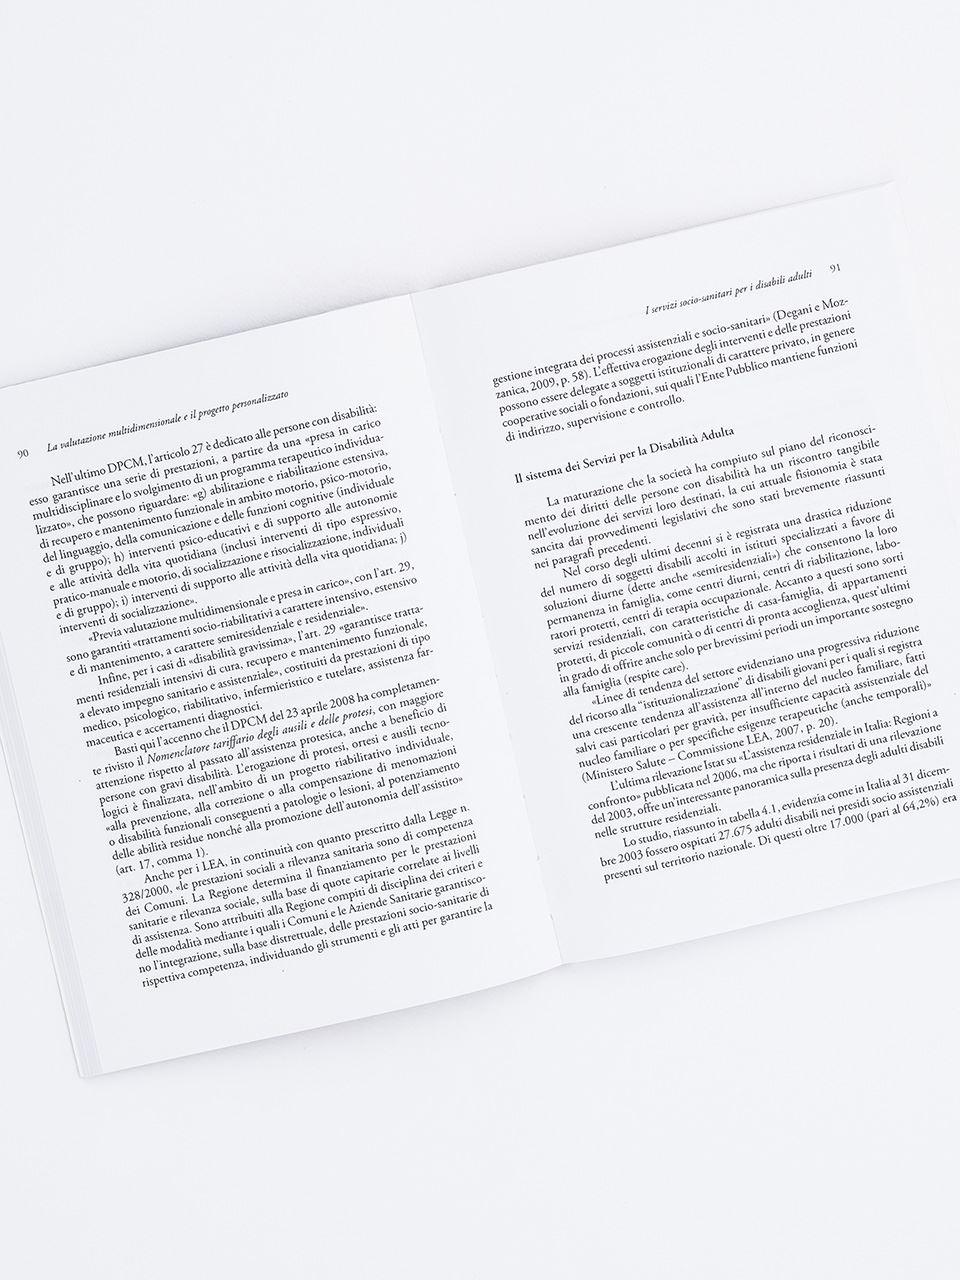 La valutazione multidimensionale e il progetto per - Libri - Erickson 2